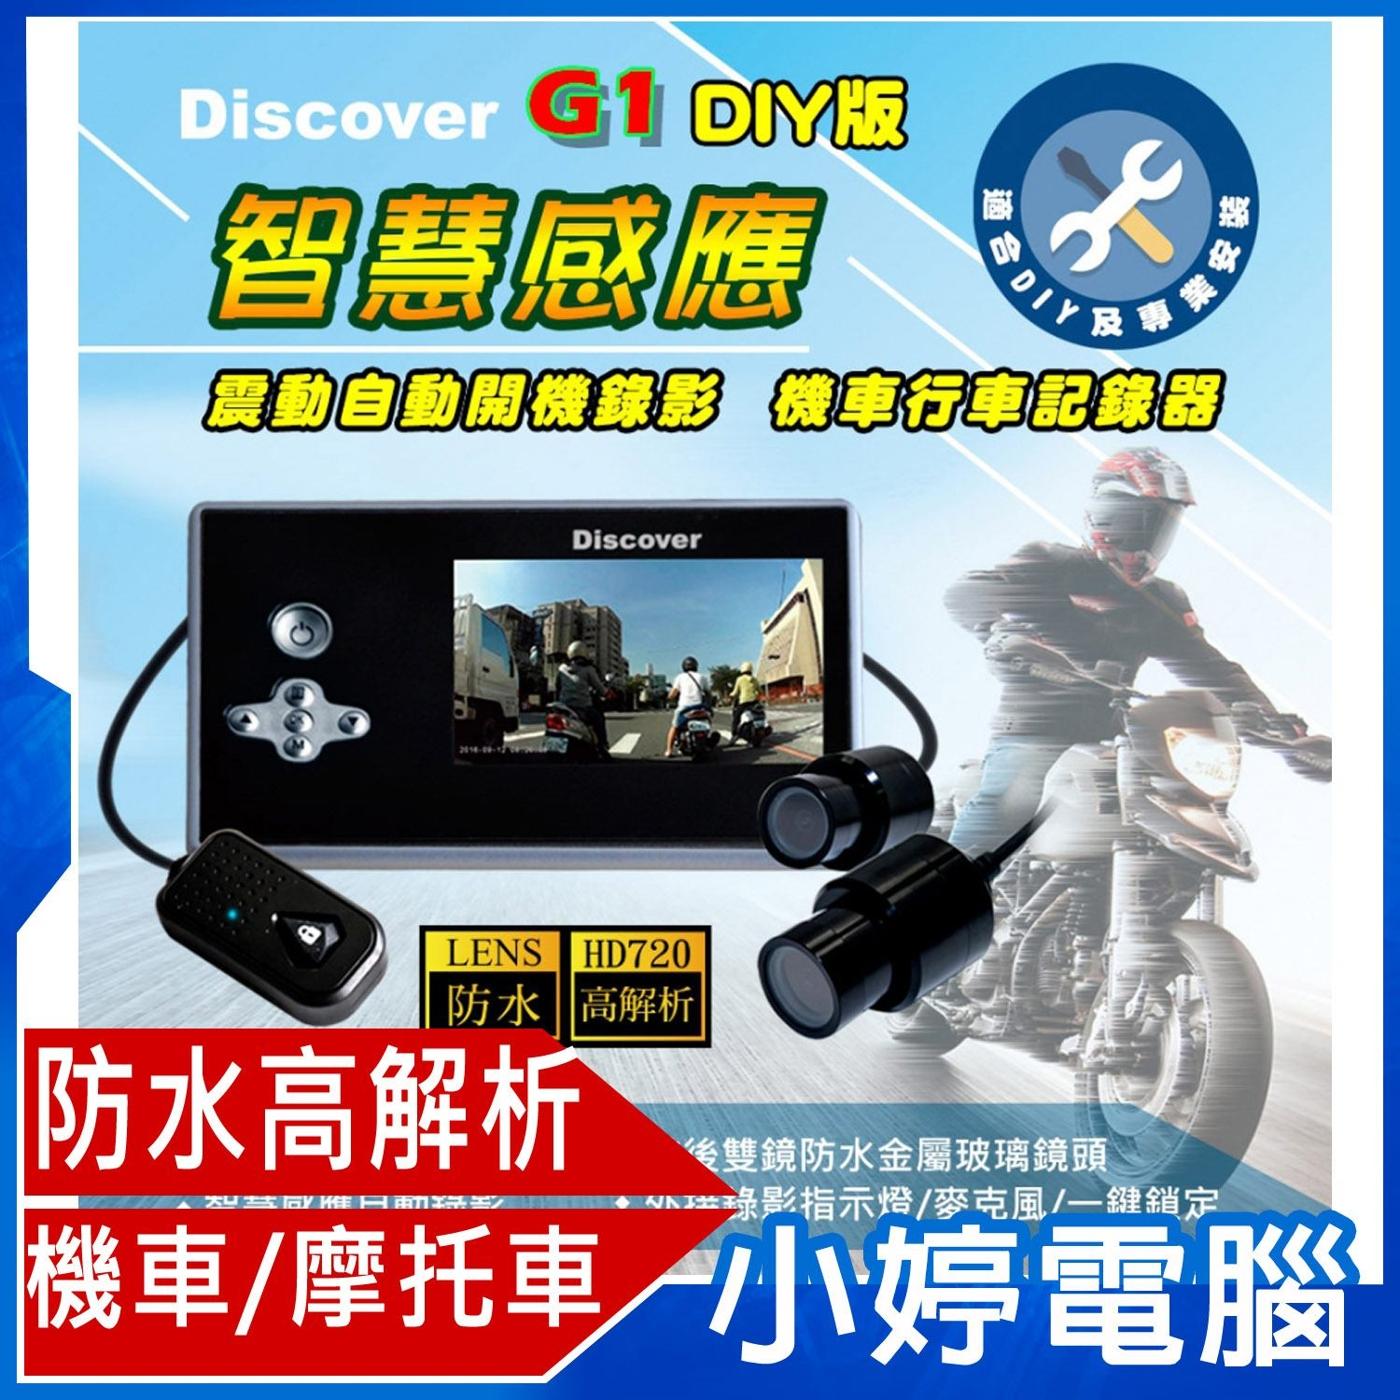 贈防水套 16G 全新 飛樂Discover G1智慧感應自動錄影雙鏡頭車行車紀錄器-DIY版【免運 24期零利率】